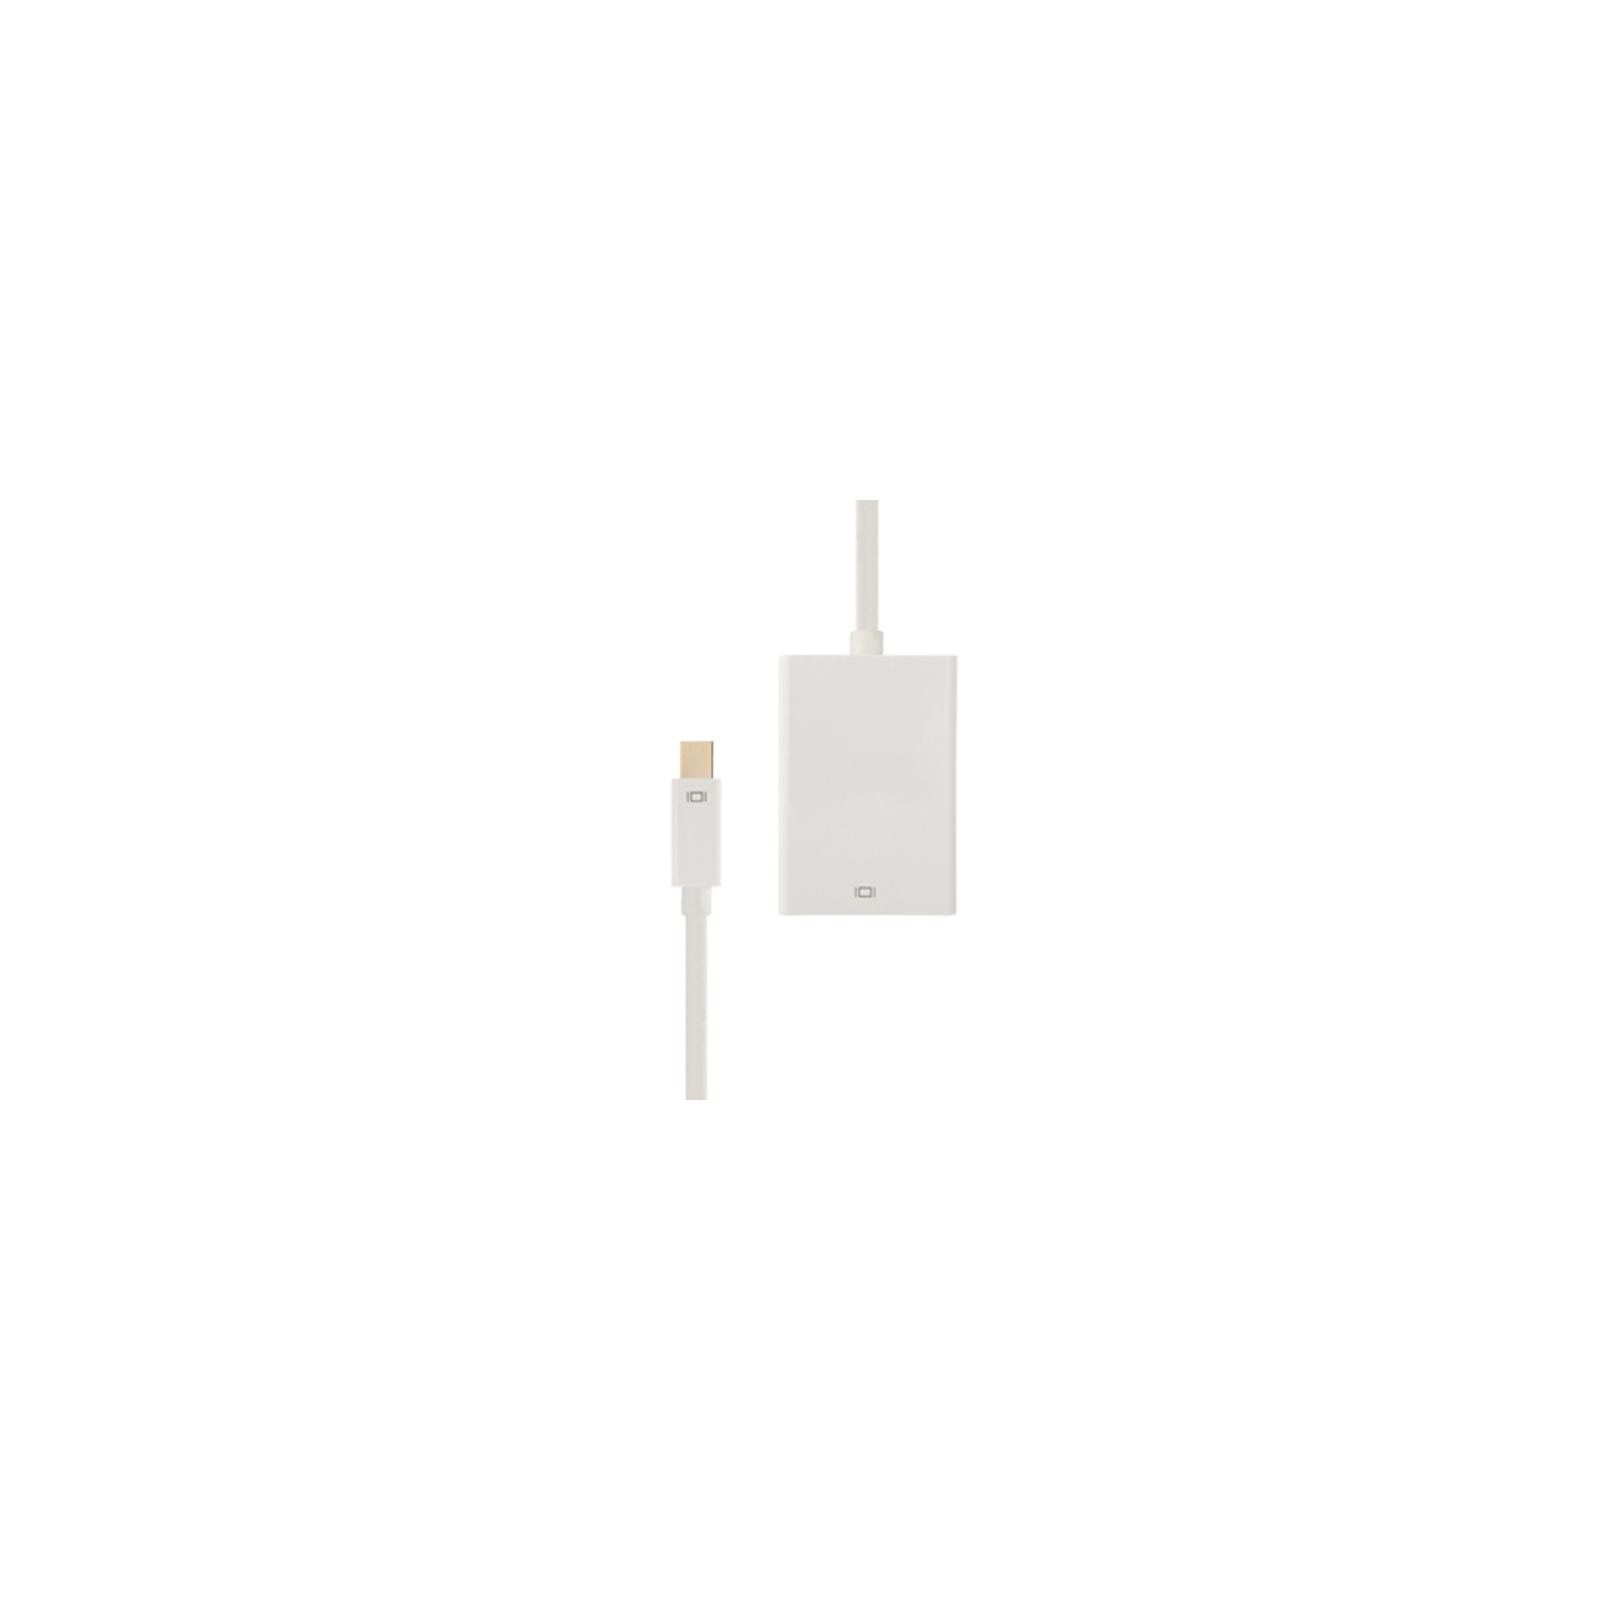 Переходник miniDisplayPort to VGA 0.15m Prolink (MP351) изображение 2